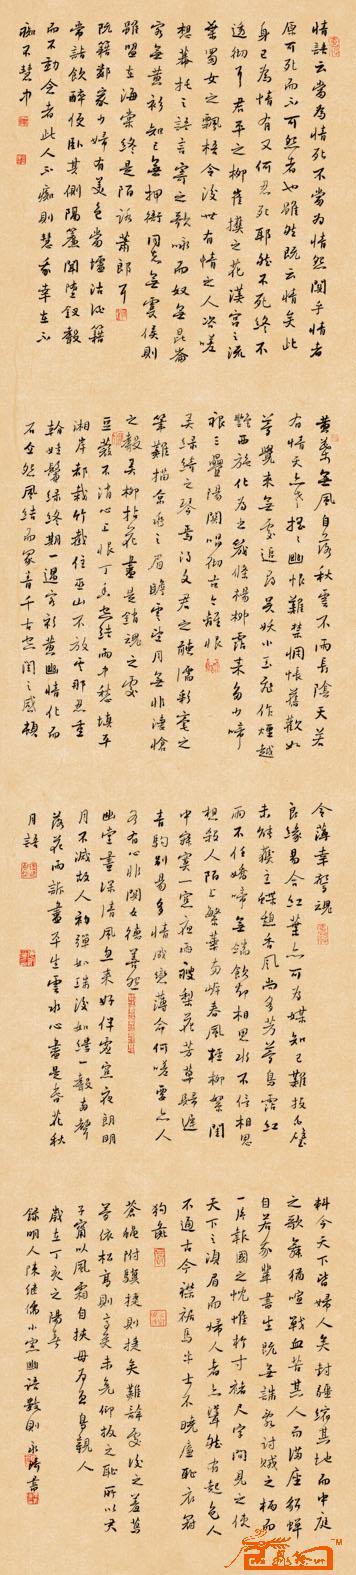 行书条幅-张永琦-淘宝-名人字画-中国书画交易中心,,.